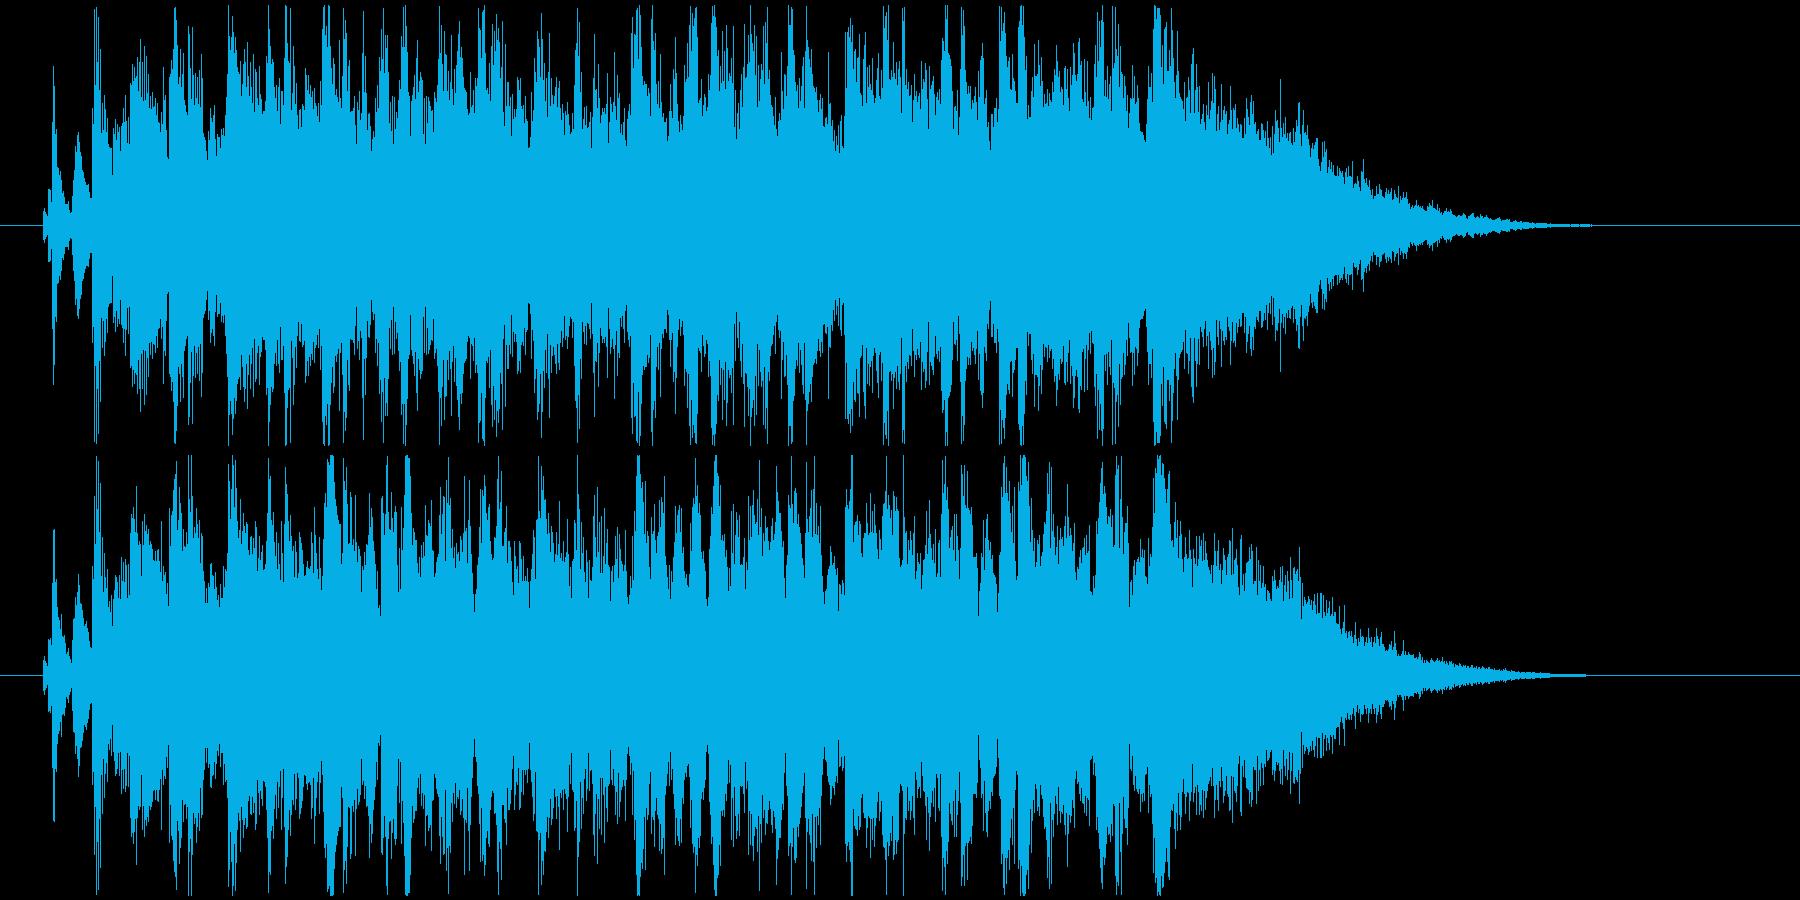 疾走感のあるバンドサウンドのジングルの再生済みの波形